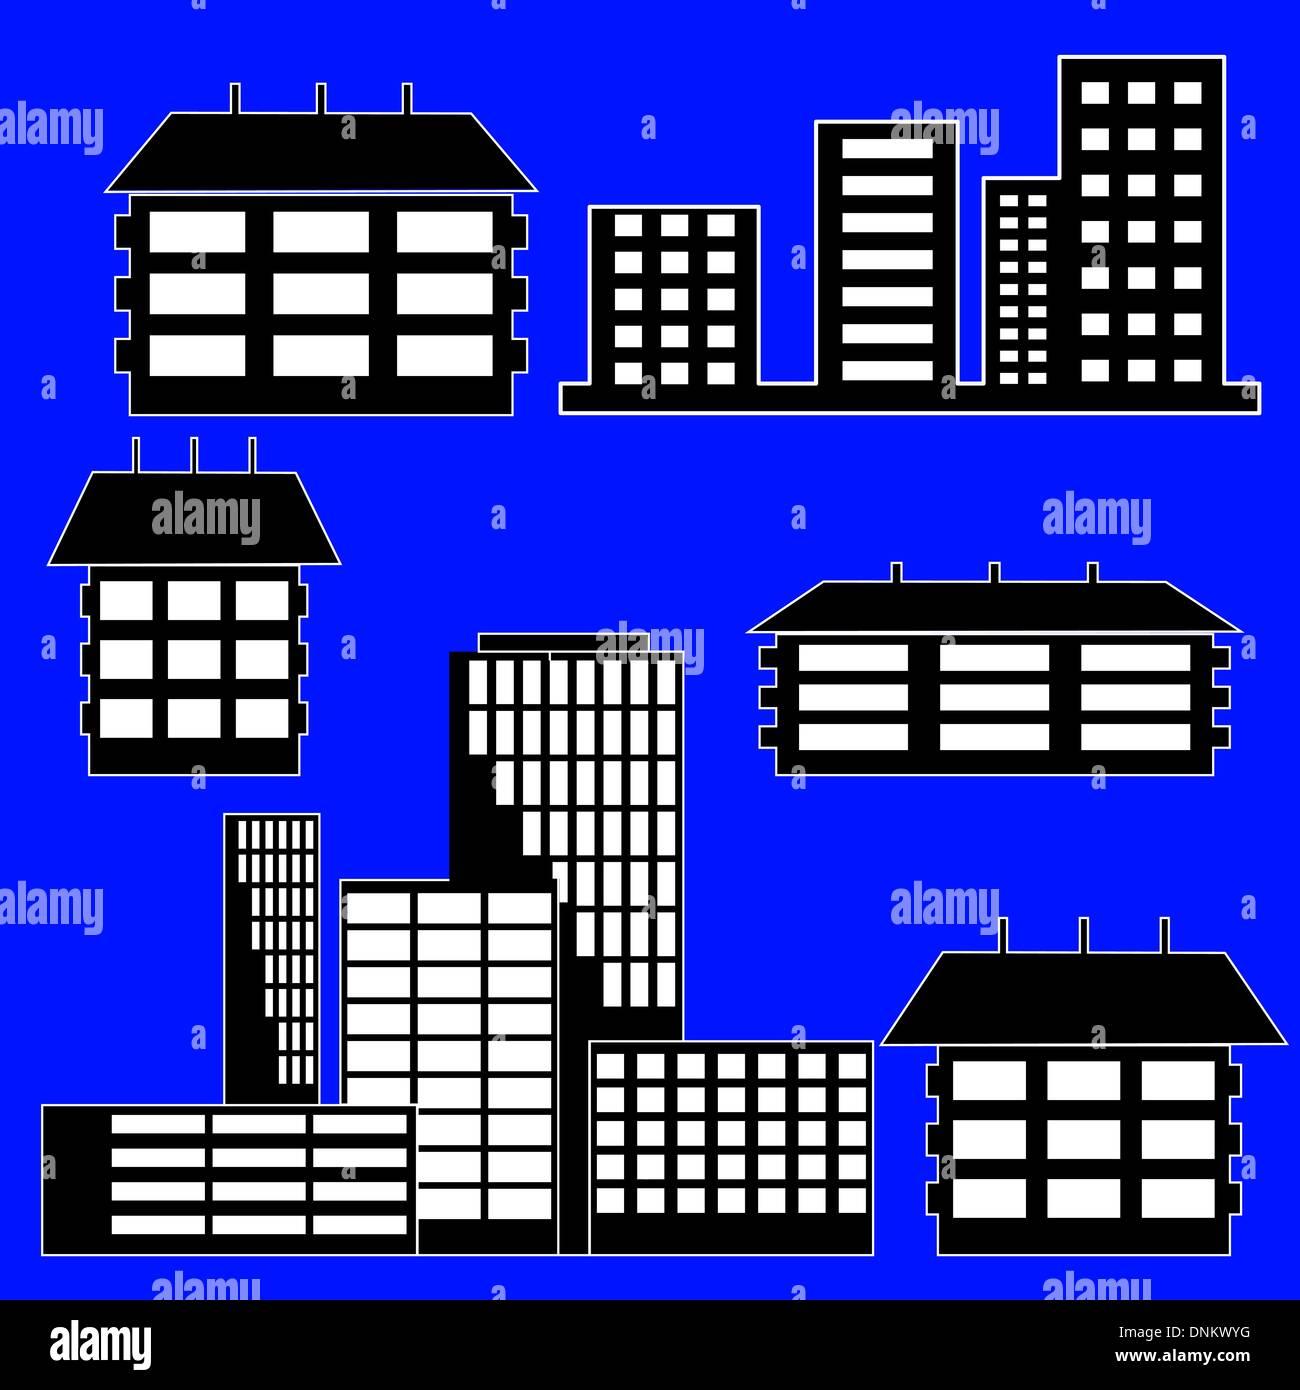 Diversi tipi di case ed edifici - Illustrazione Vettoriale Immagini Stock